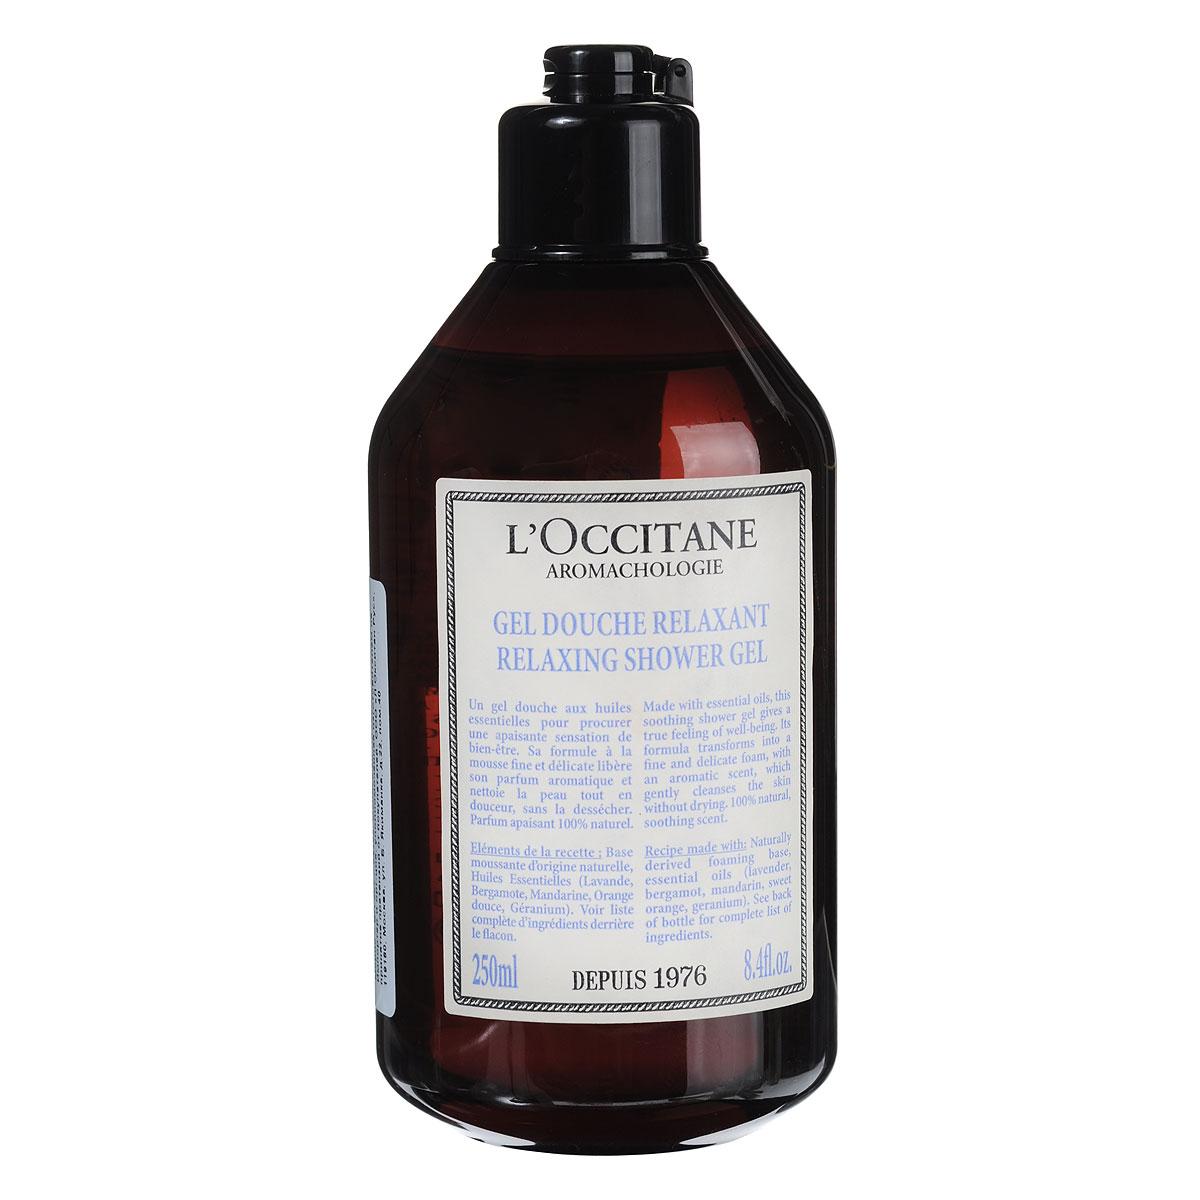 LOccitane Гель для ванн и душа Аромакология, расслабляющий, 250 мл311622Этот успокаивающий гель для душа дарит отличное самочувствие и настроение. Формула без сульфатов мягко очищает кожу, а натуральный аромат помогает полностью расслабиться. Товар сертифицирован.